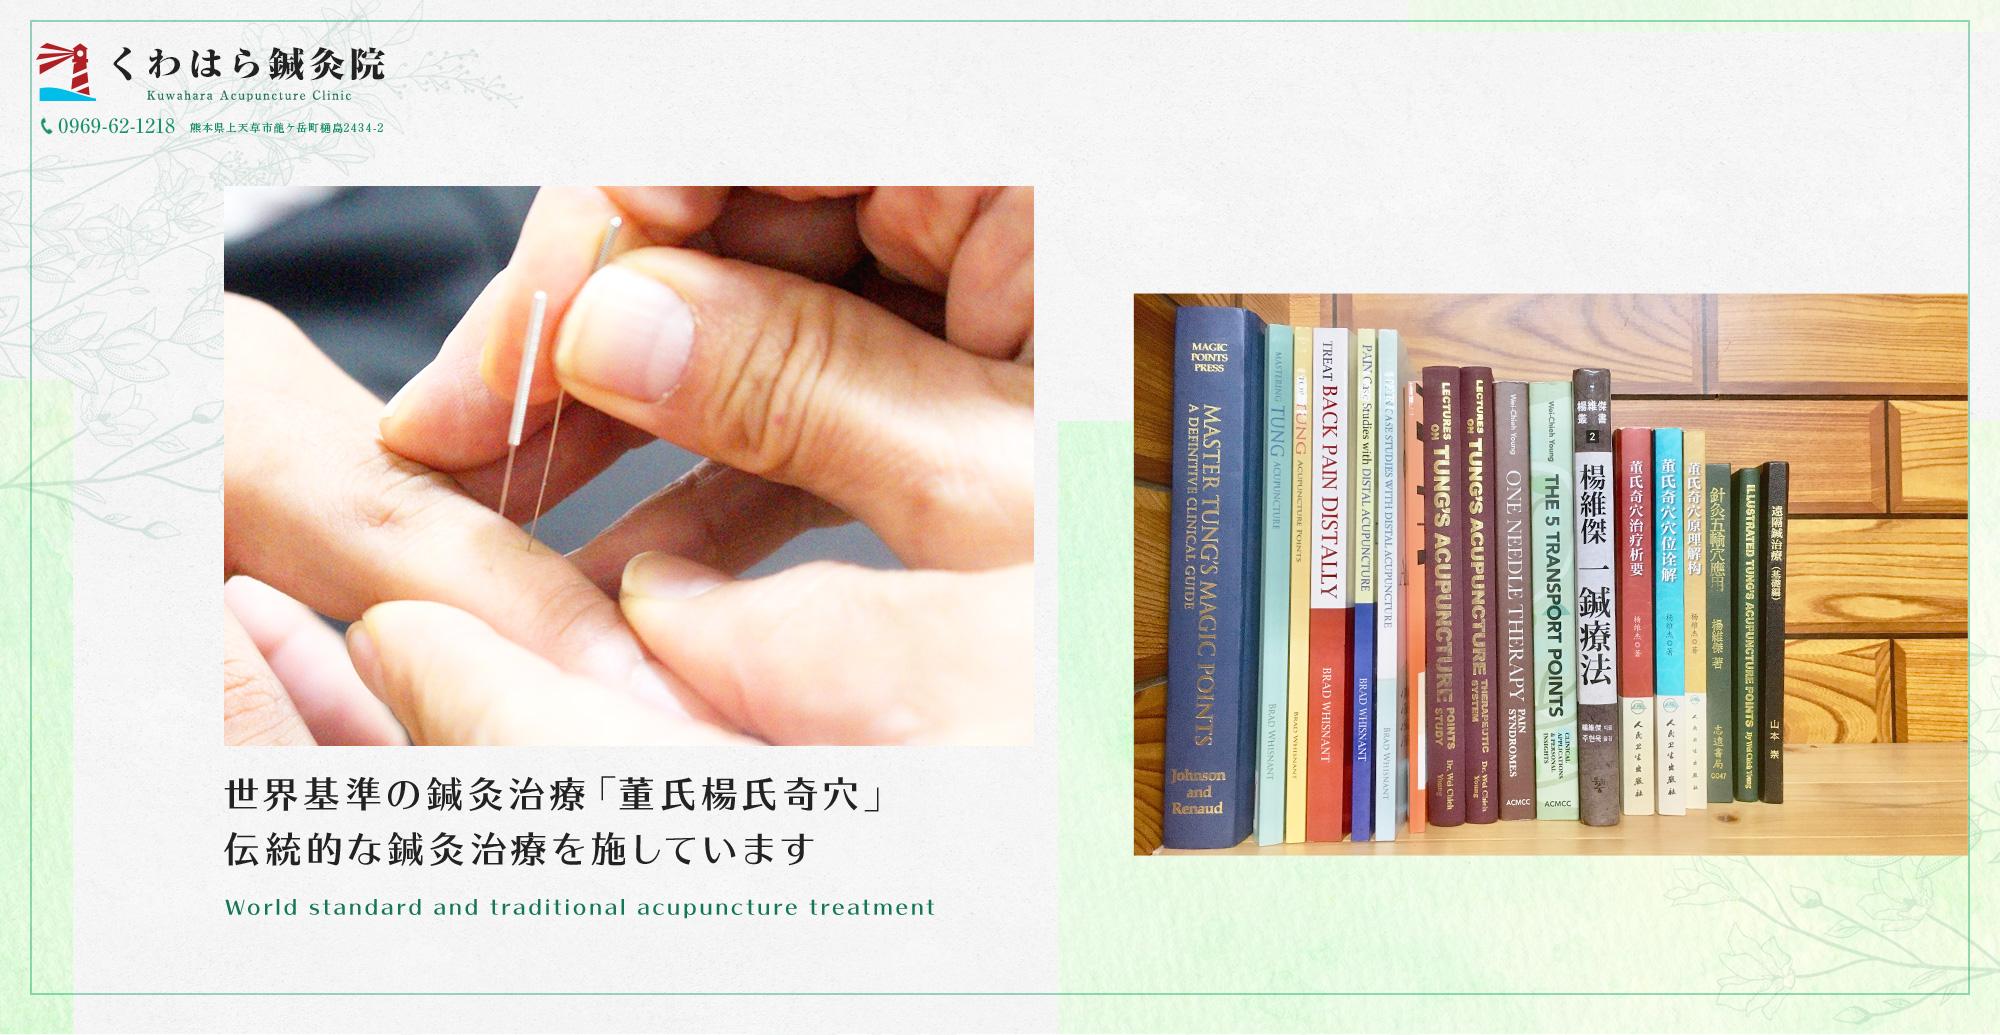 世界基準の鍼灸治療「董氏楊氏奇穴」 伝統的な鍼灸治療を施しています